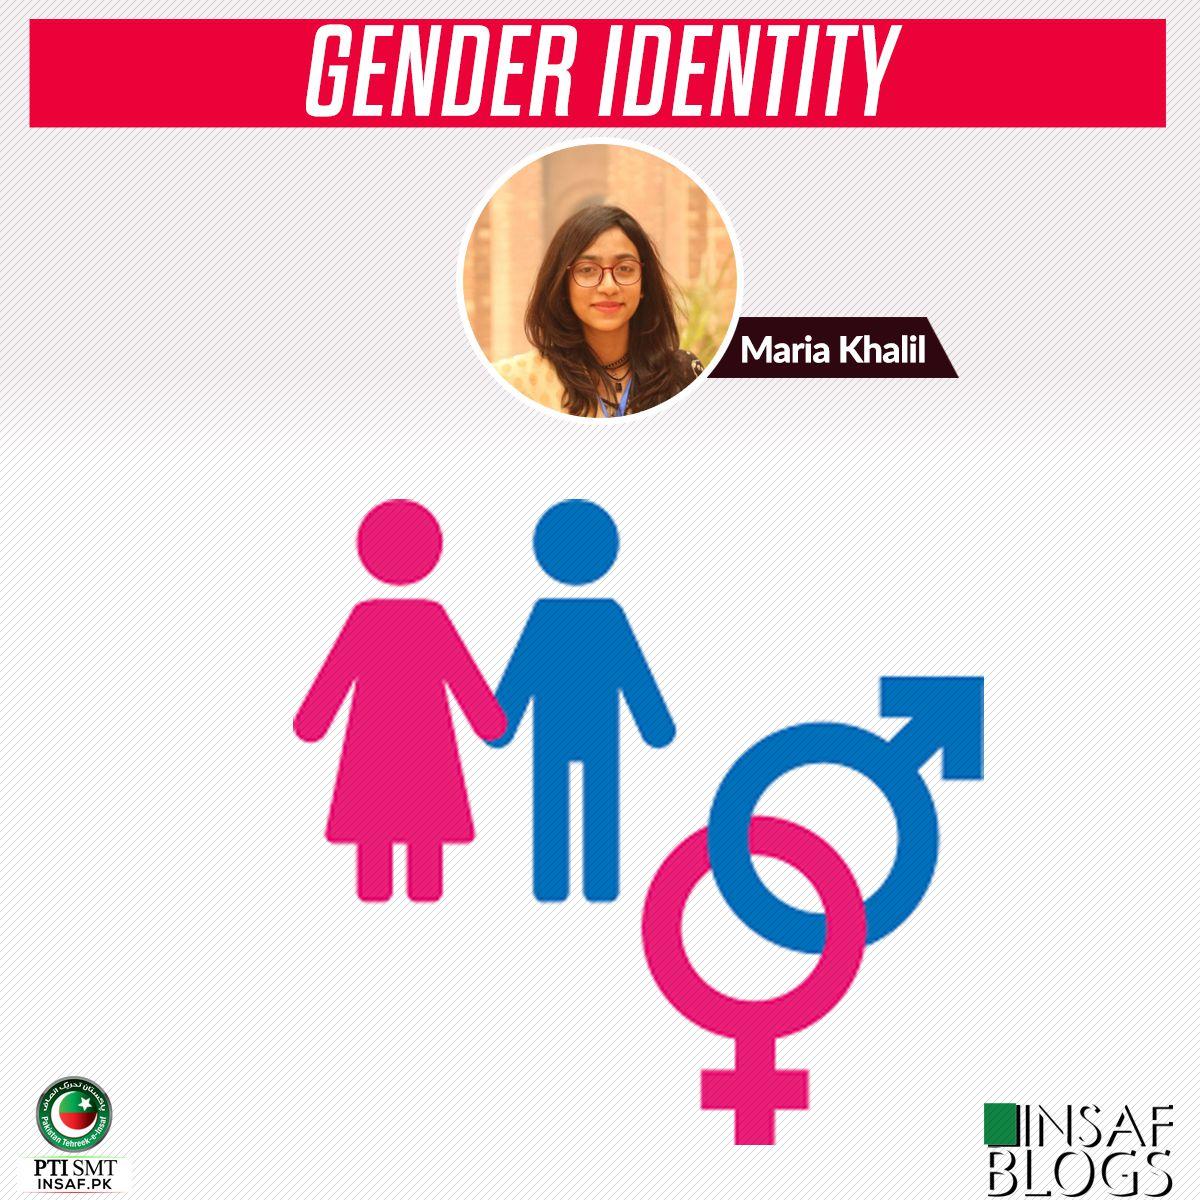 Gender-Insaf-Blog